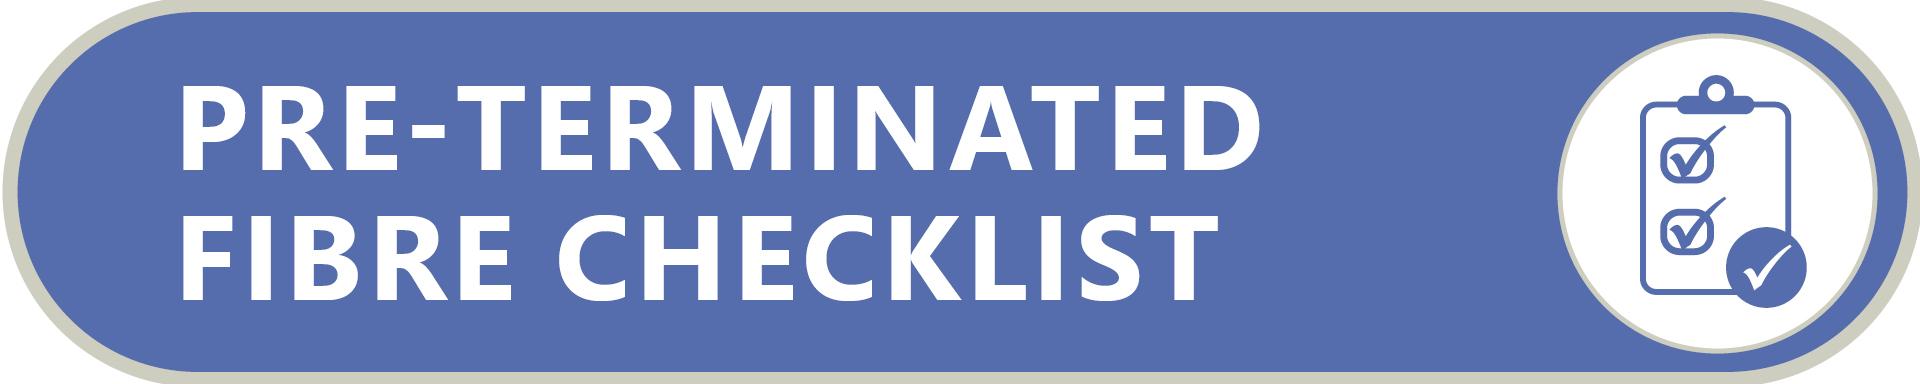 Pre terminated fibre checklist